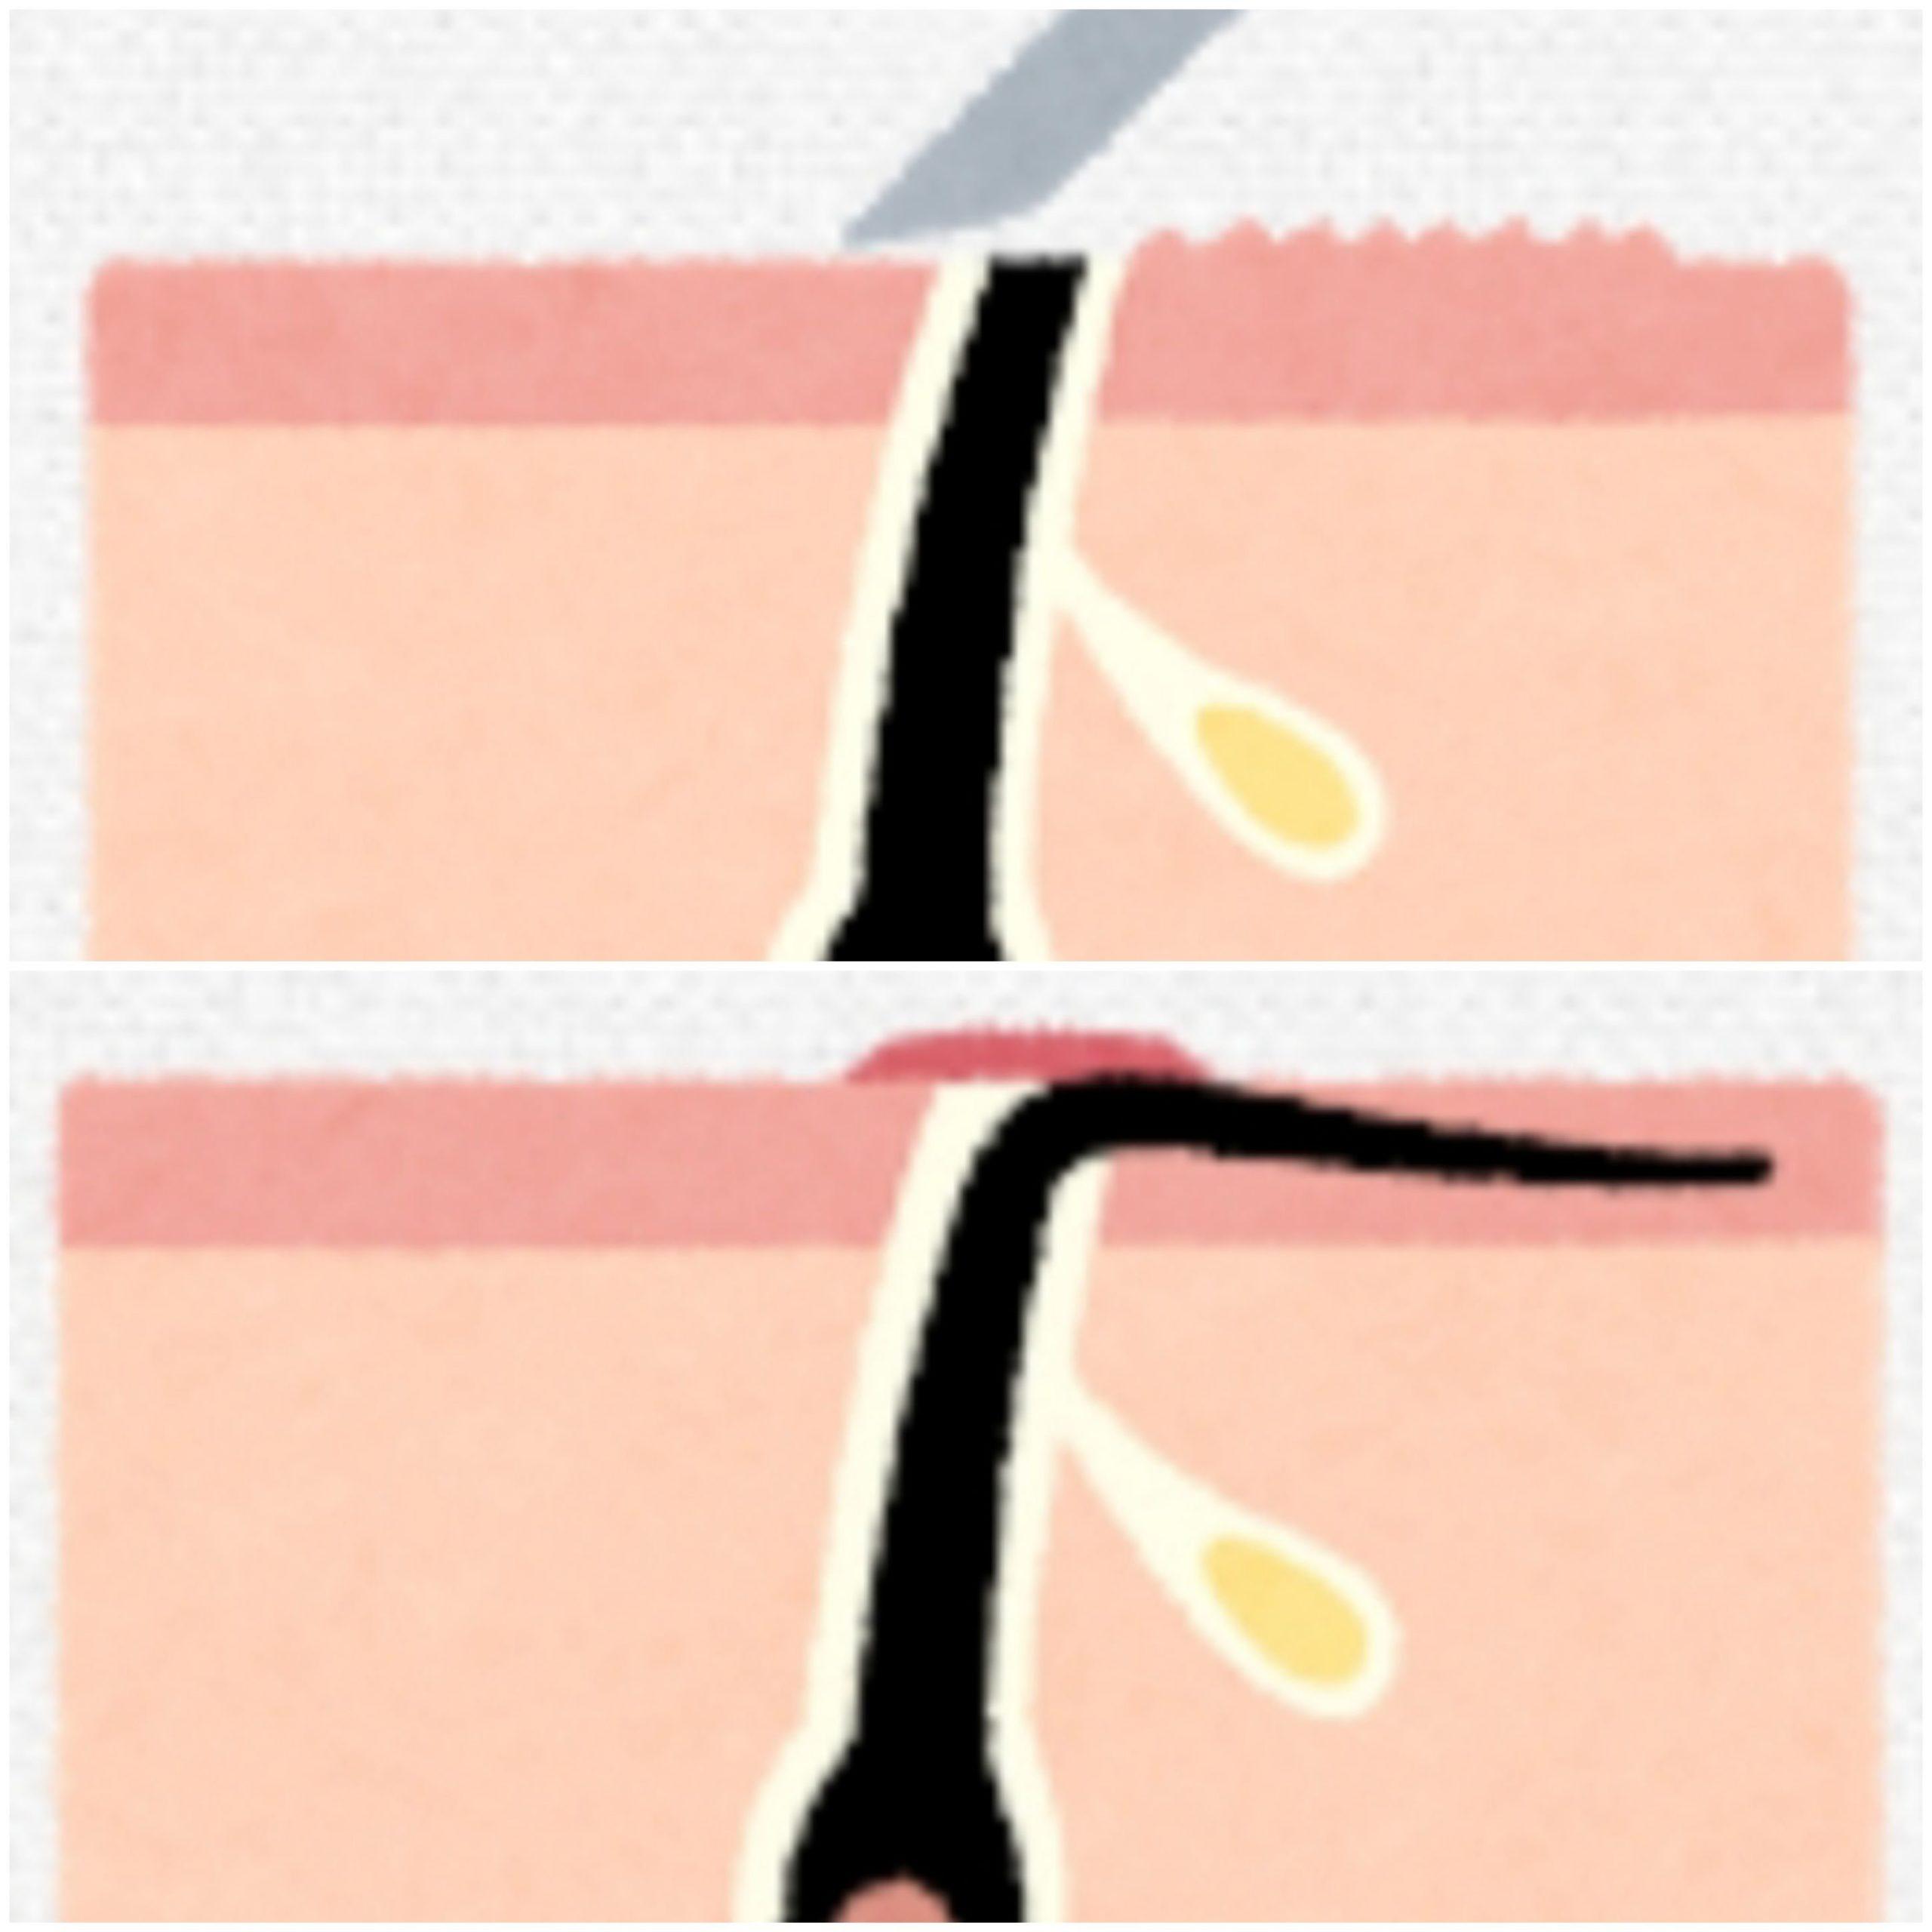 カミソリは皮膚にダメージを与え、埋没毛が生えやすくなる